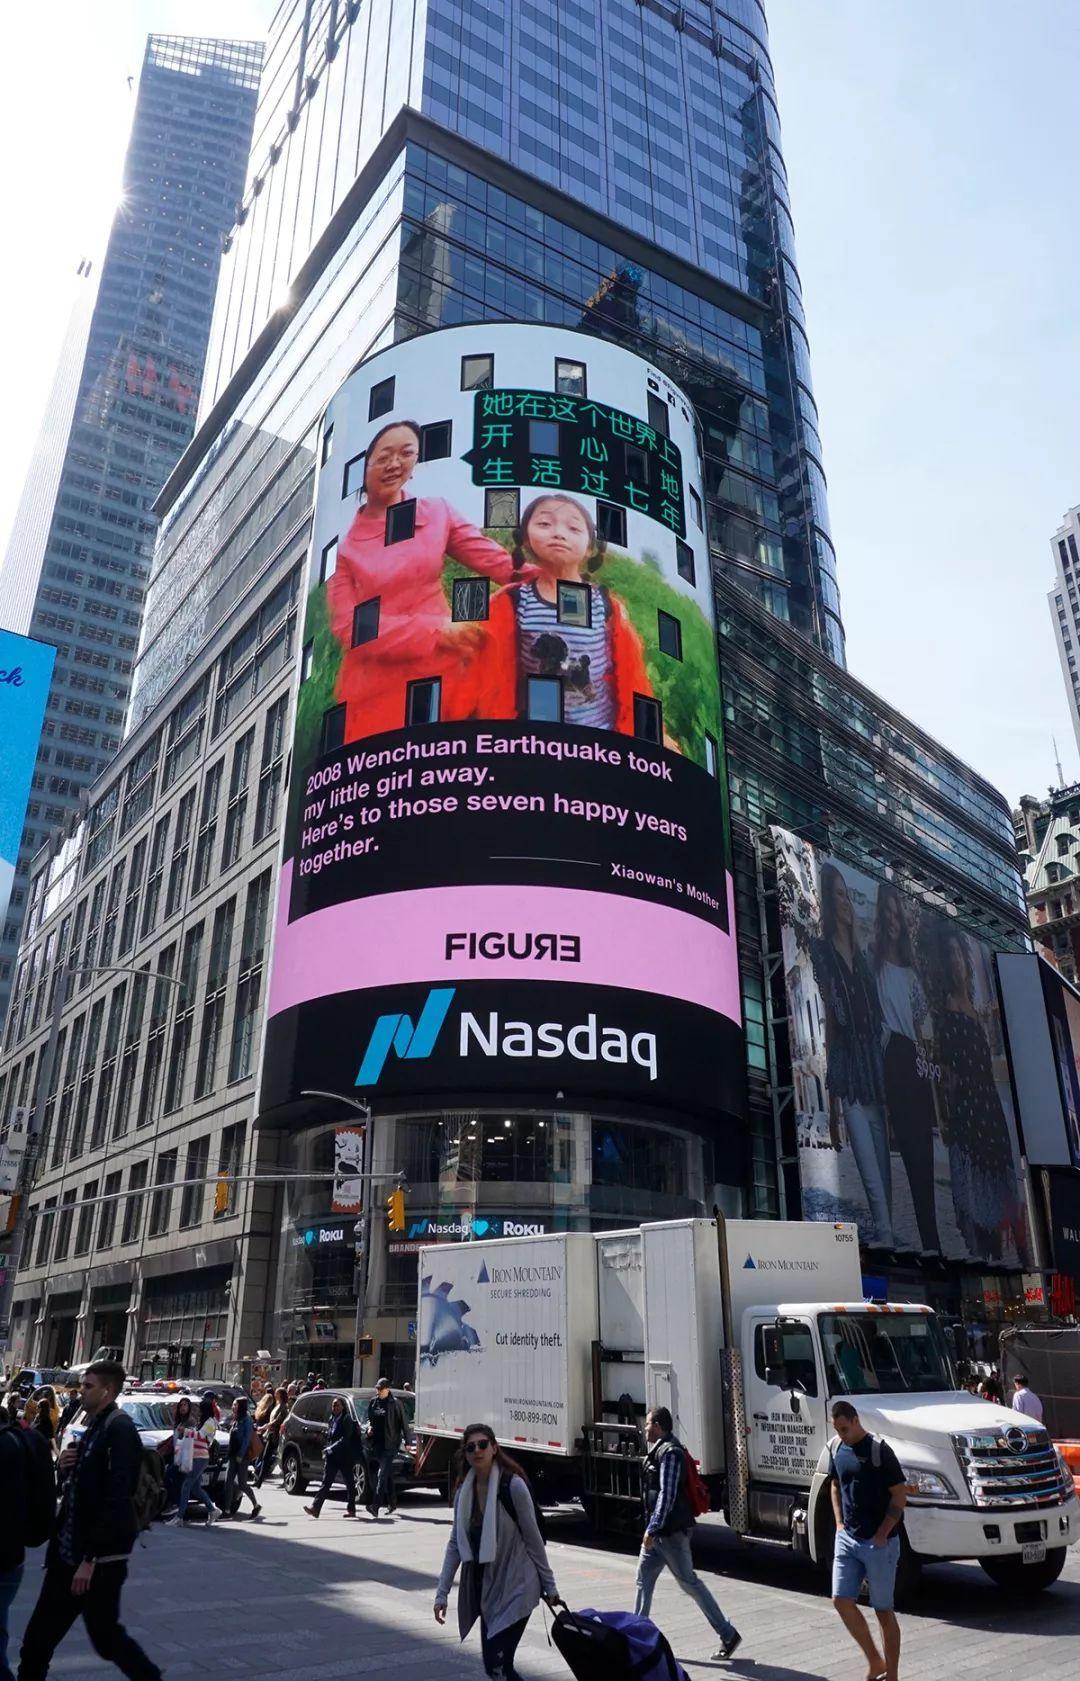 这位北川母亲唯一的心愿,正在由全世界4361块屏幕替她完成 | 剥洋葱 X FIGURE